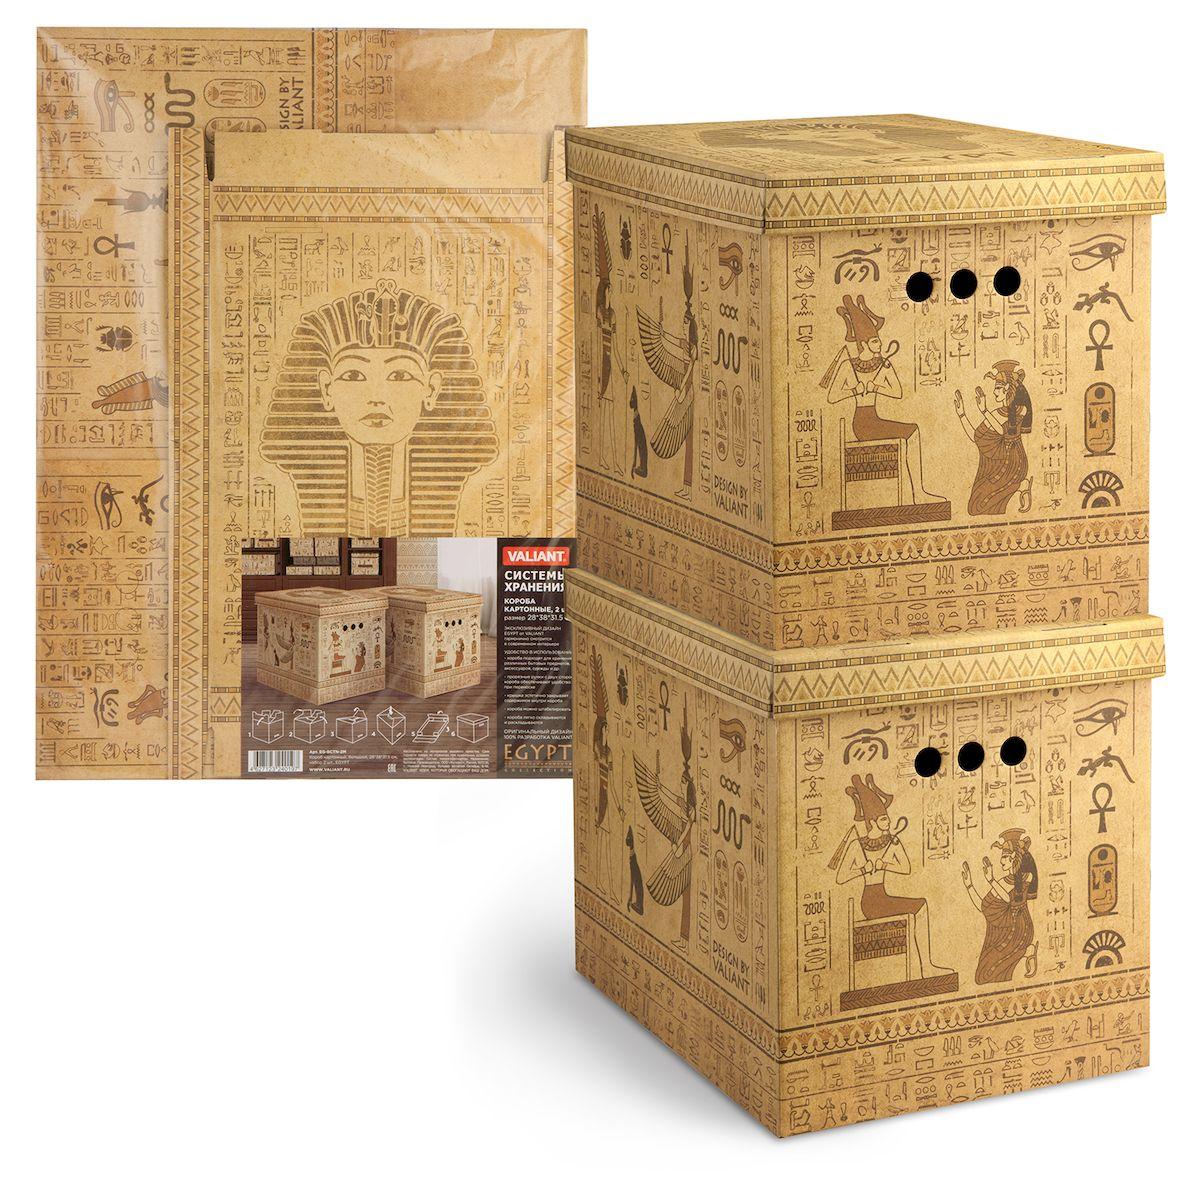 Короб для хранения Valiant Egypt, 28х38х31,5 см, складной, 2 штEG-BCTN-2MКороб картонный Valiant Egypt легкий и прочный. Короб являются самосборным (на упаковке имеется удобная инструкция по сборке). Благодаря прорезным ручкам с двух сторон коробку удобно поднимать и переносить.